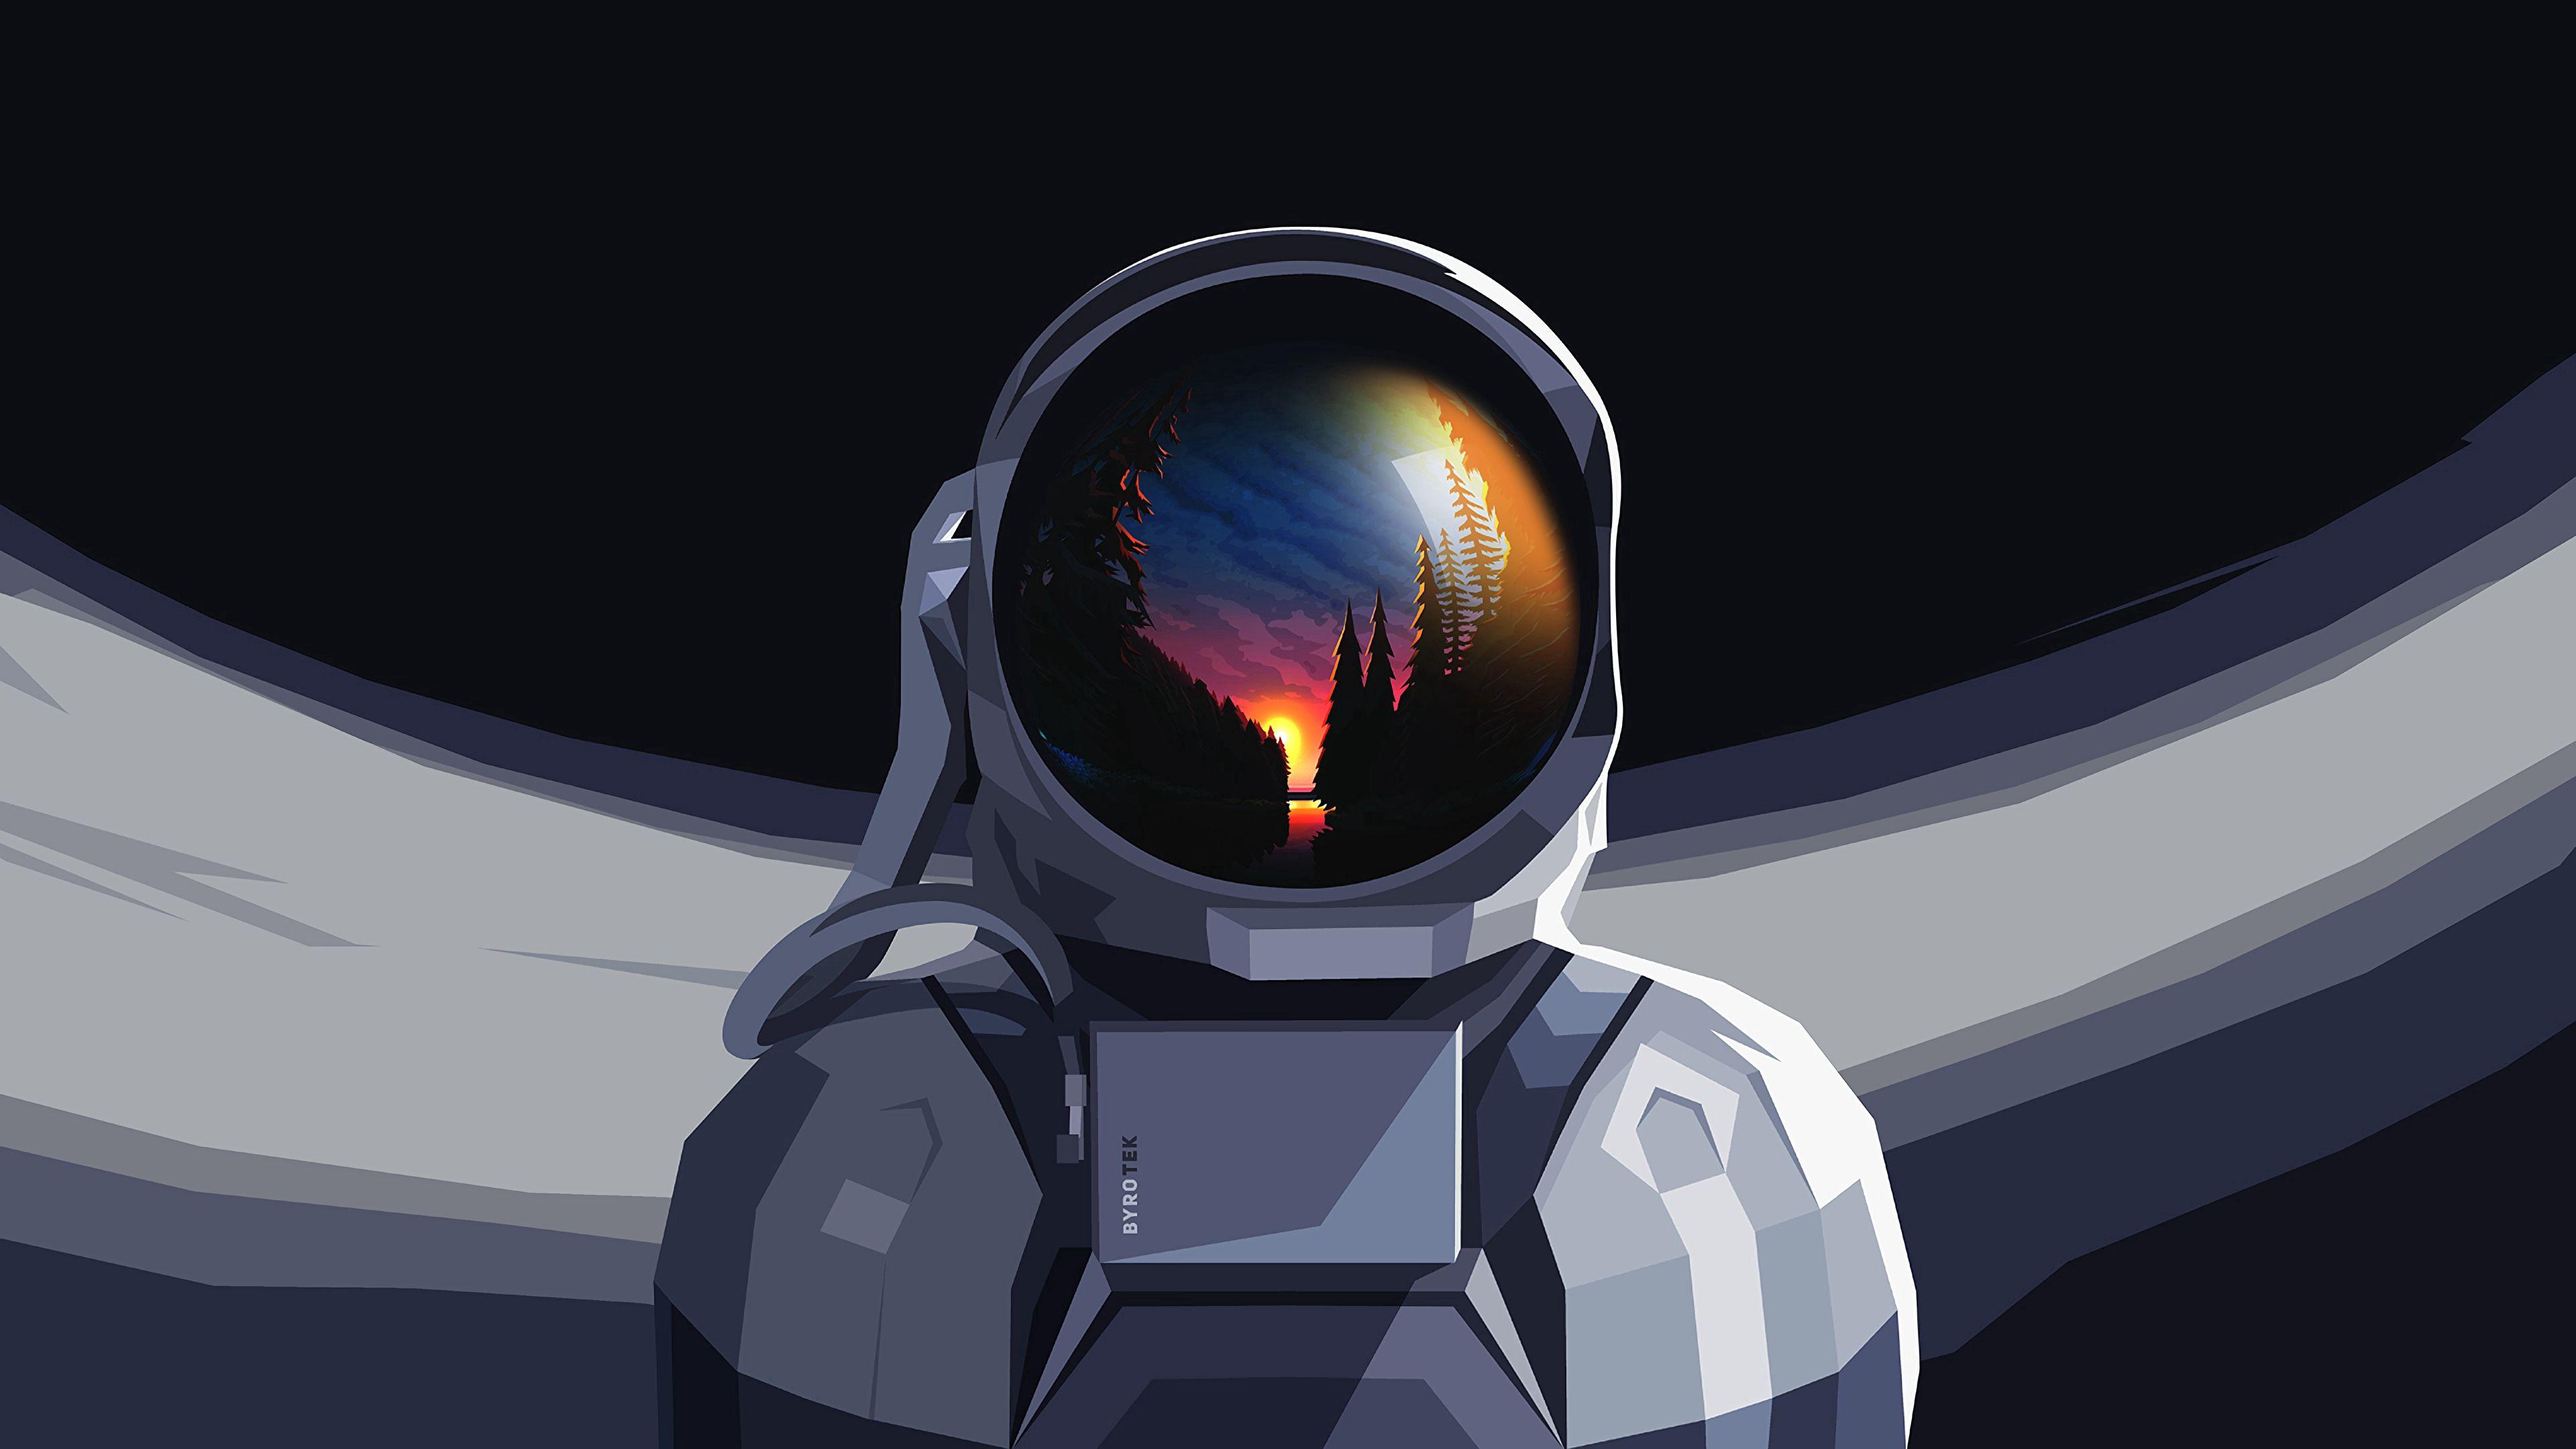 98562壁紙のダウンロードベクター, ベクトル, 宇宙飛行士, 宇宙服, 反射, 日没, アート-スクリーンセーバーと写真を無料で